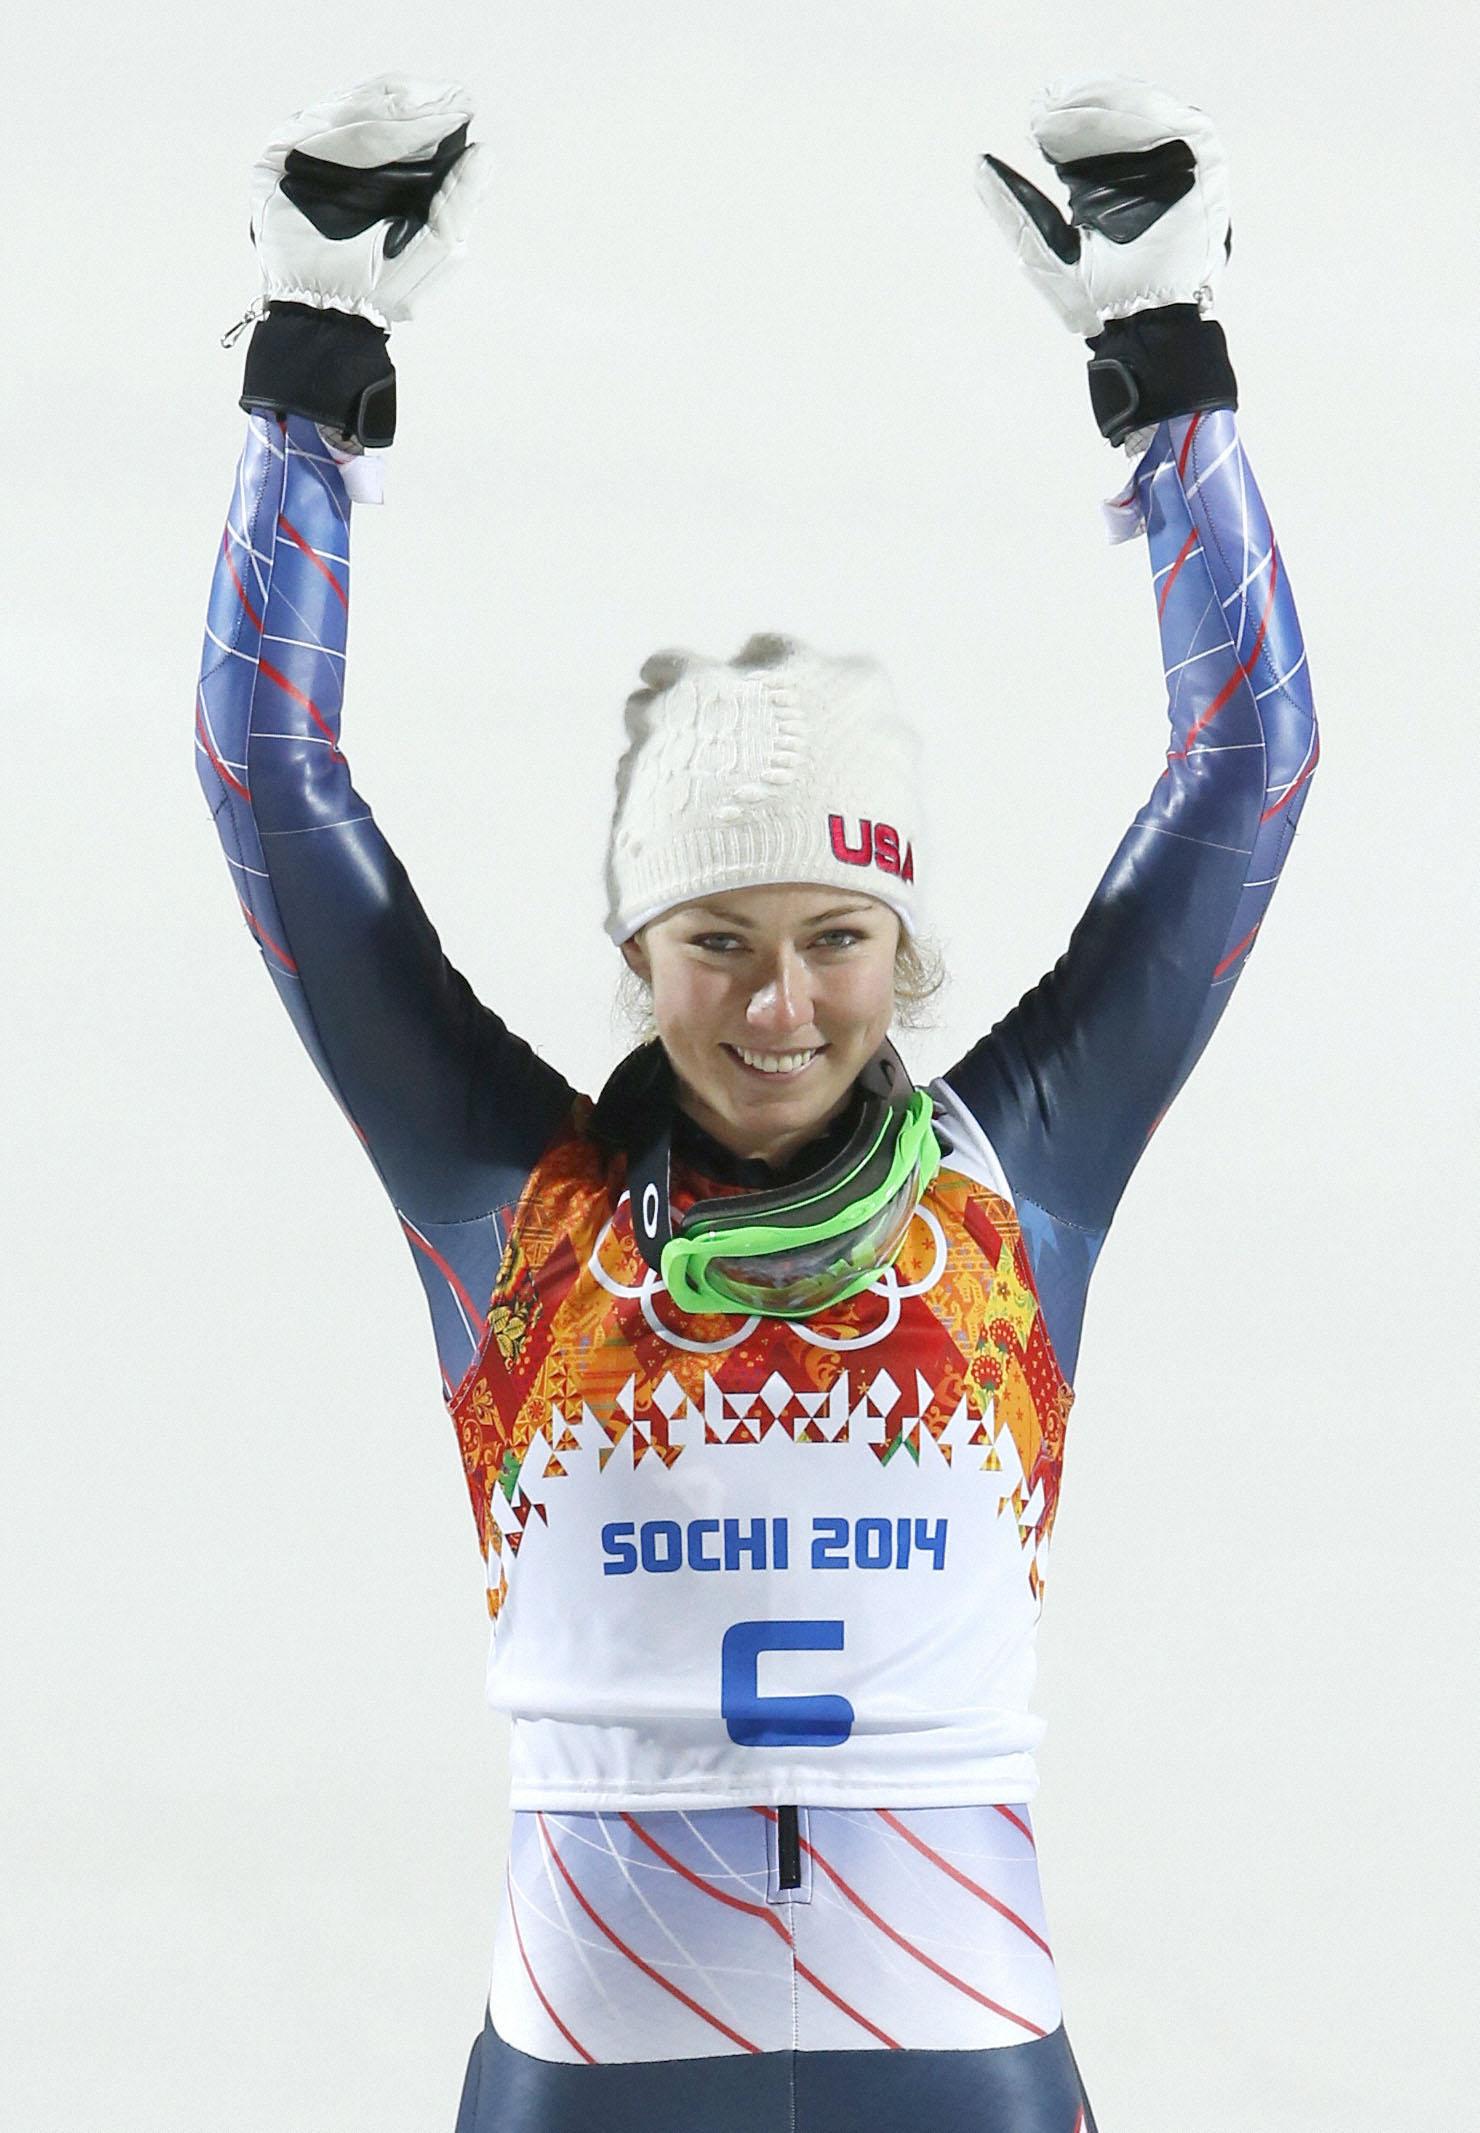 18歳シフリン、自信の滑り アルペン女子回転で最年少優勝